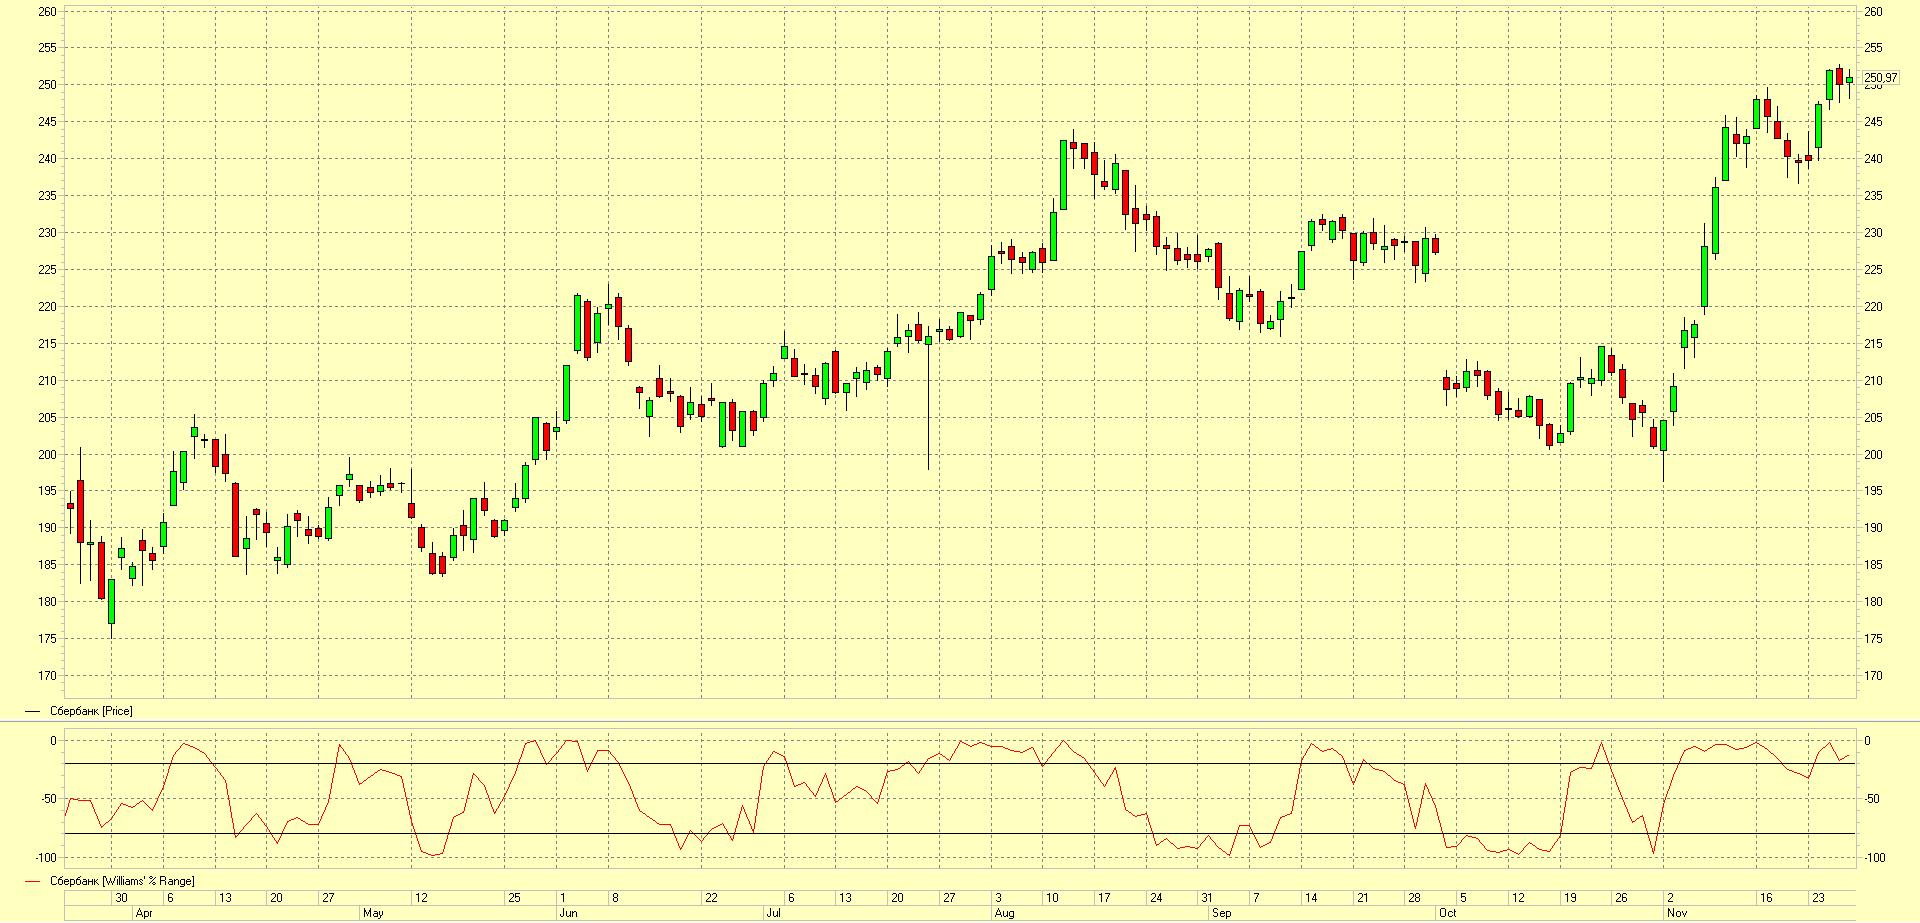 индикатор Williams %Range на графике Сбербанка